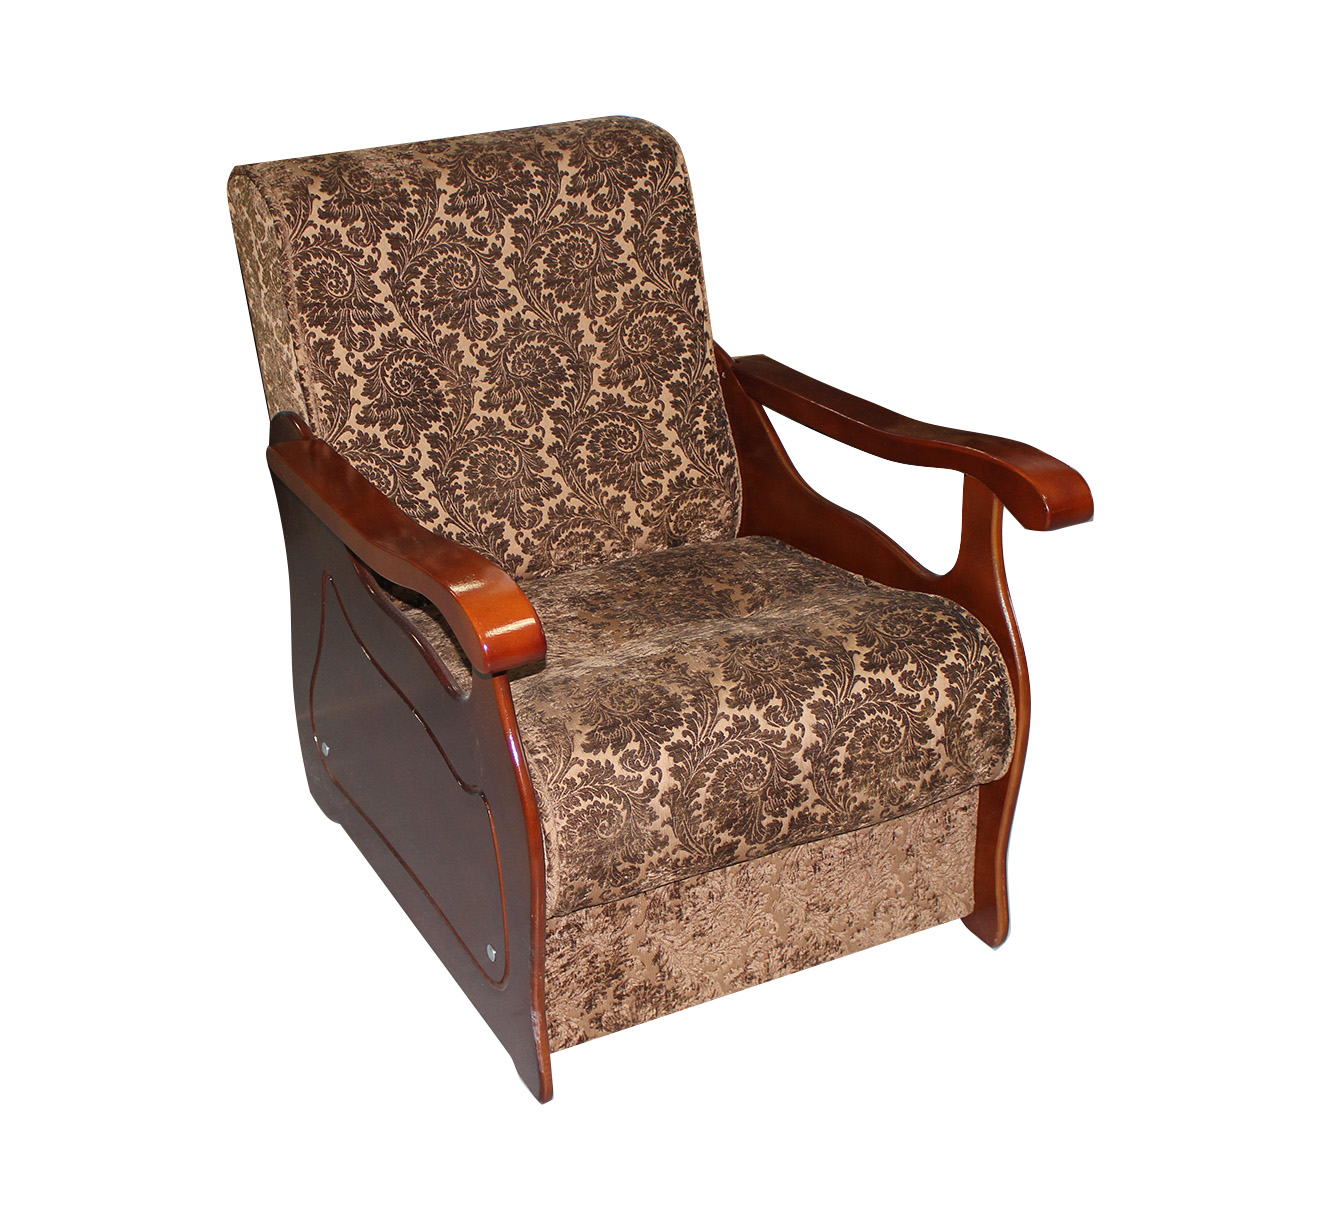 Кресло для отдыха Сайгон кресло для отдыха аккорд